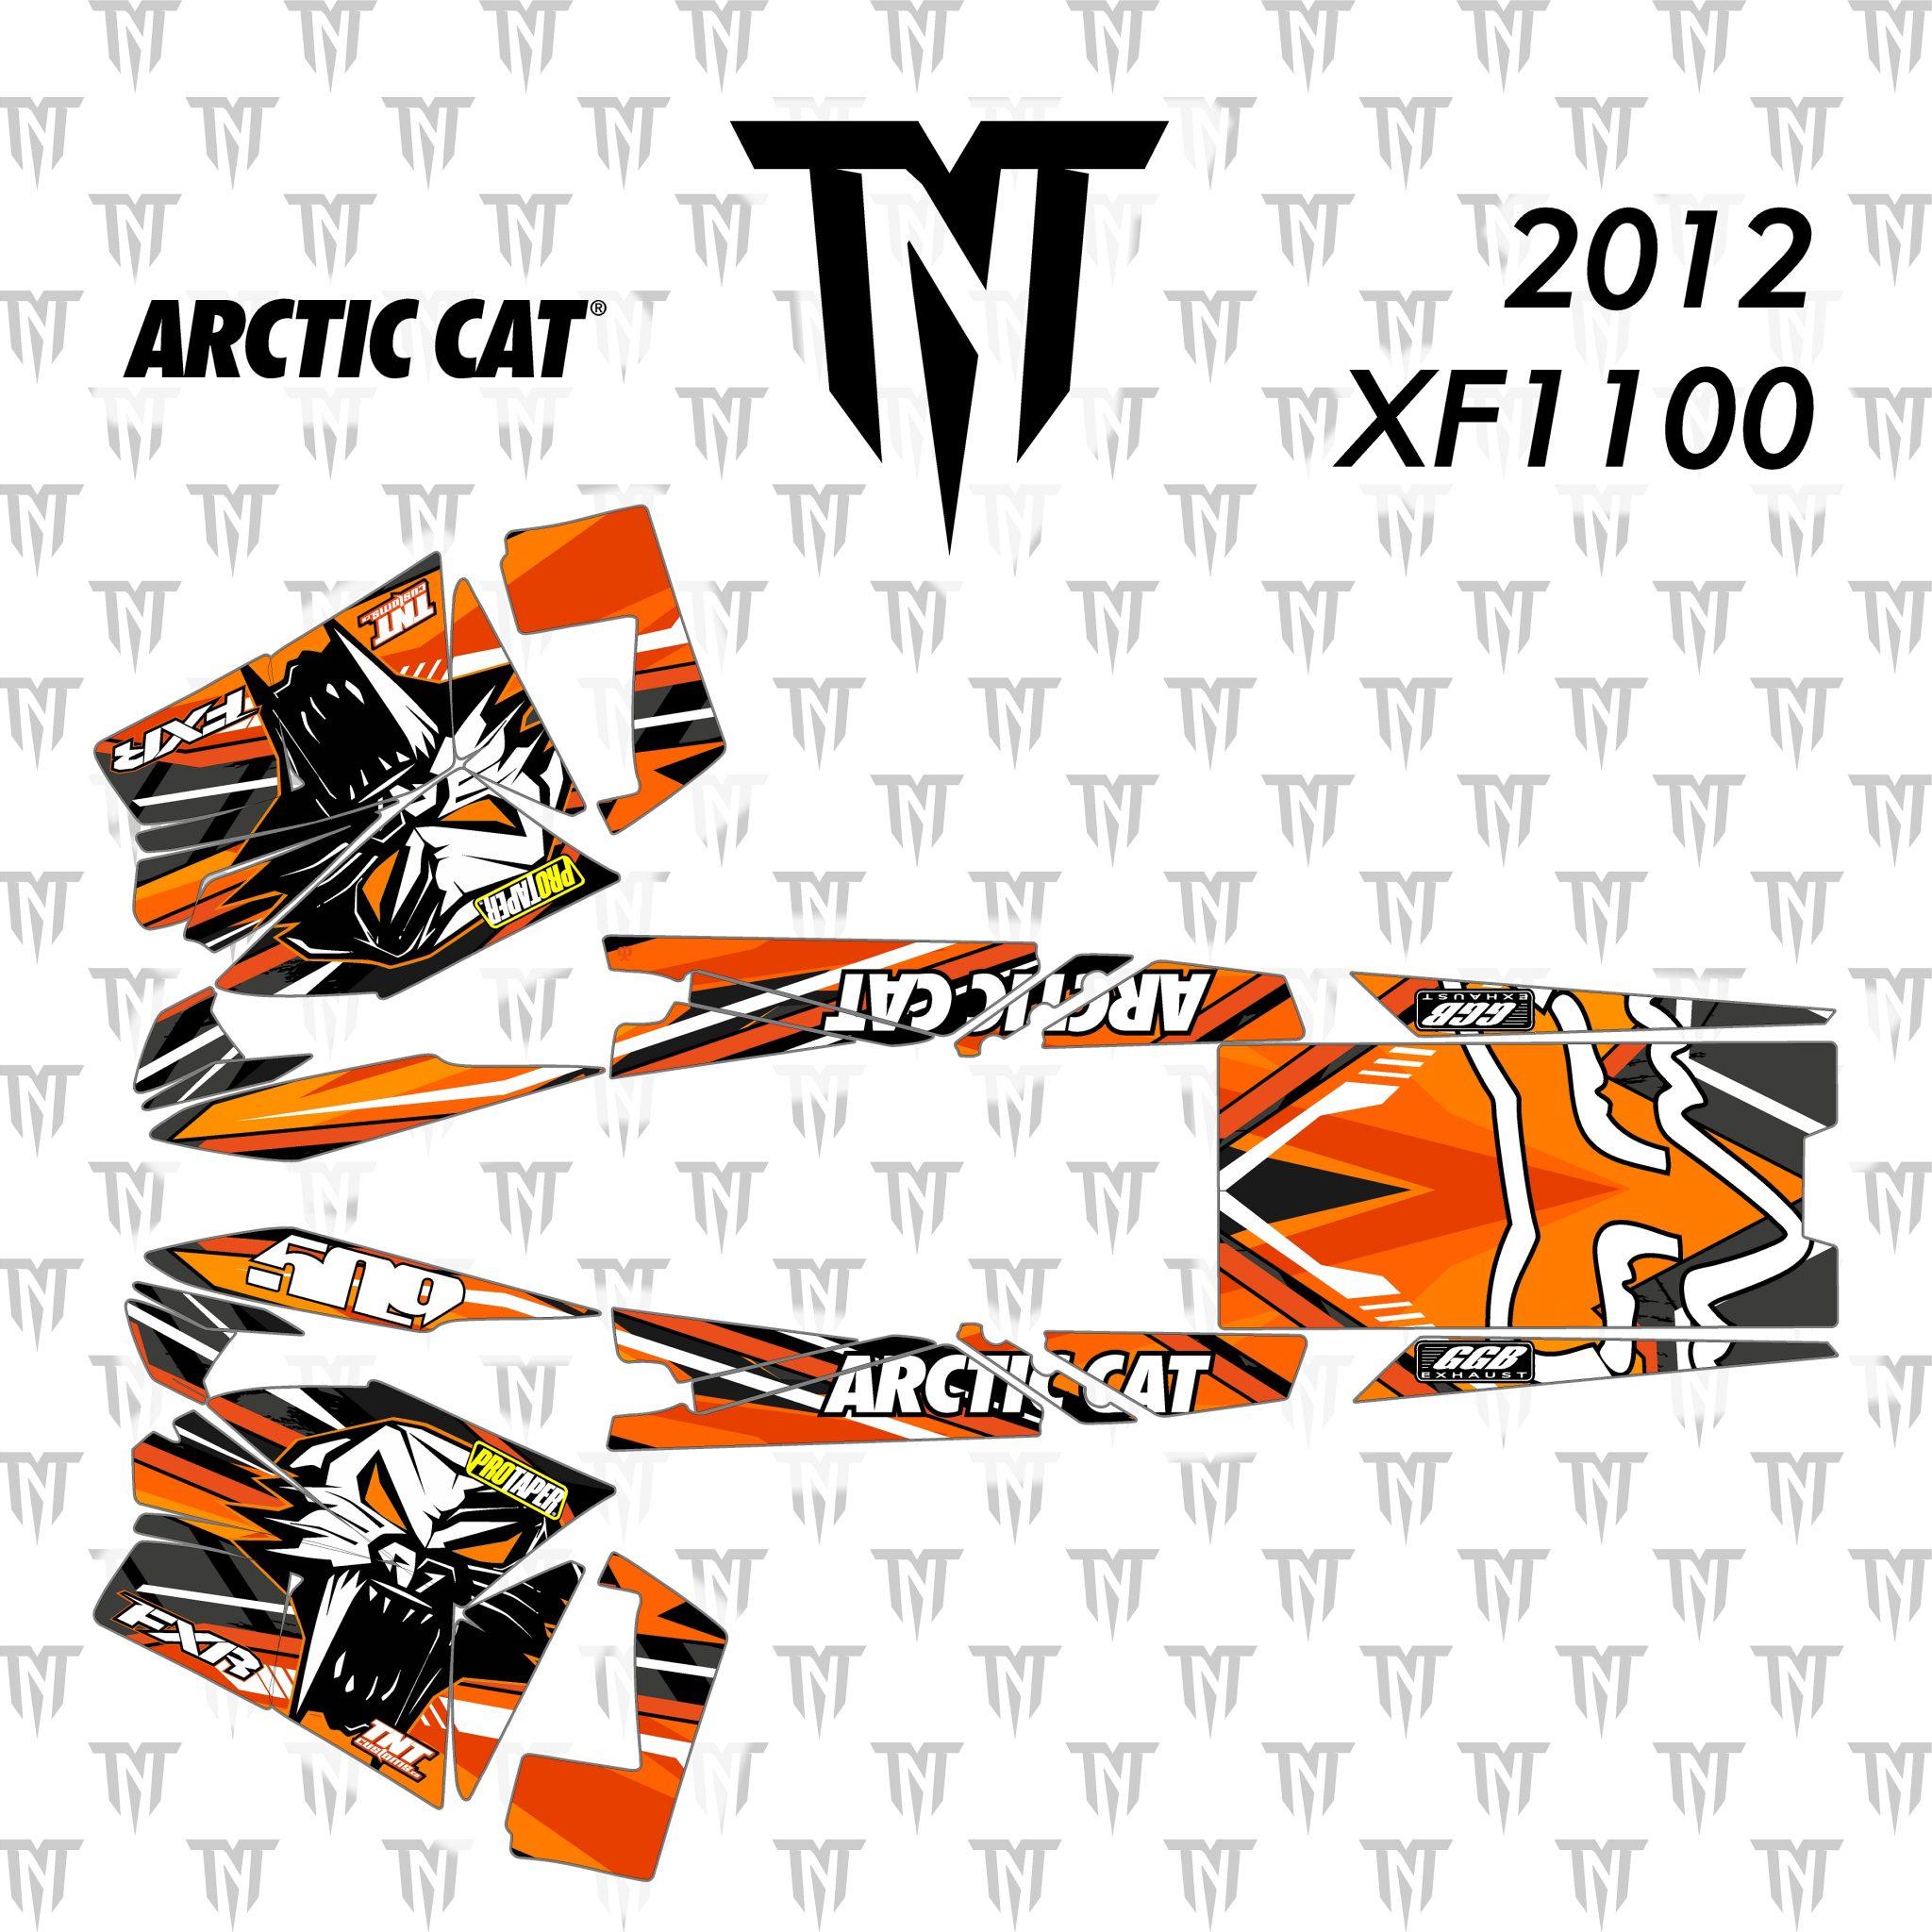 2012 Arctic Cat XF1100